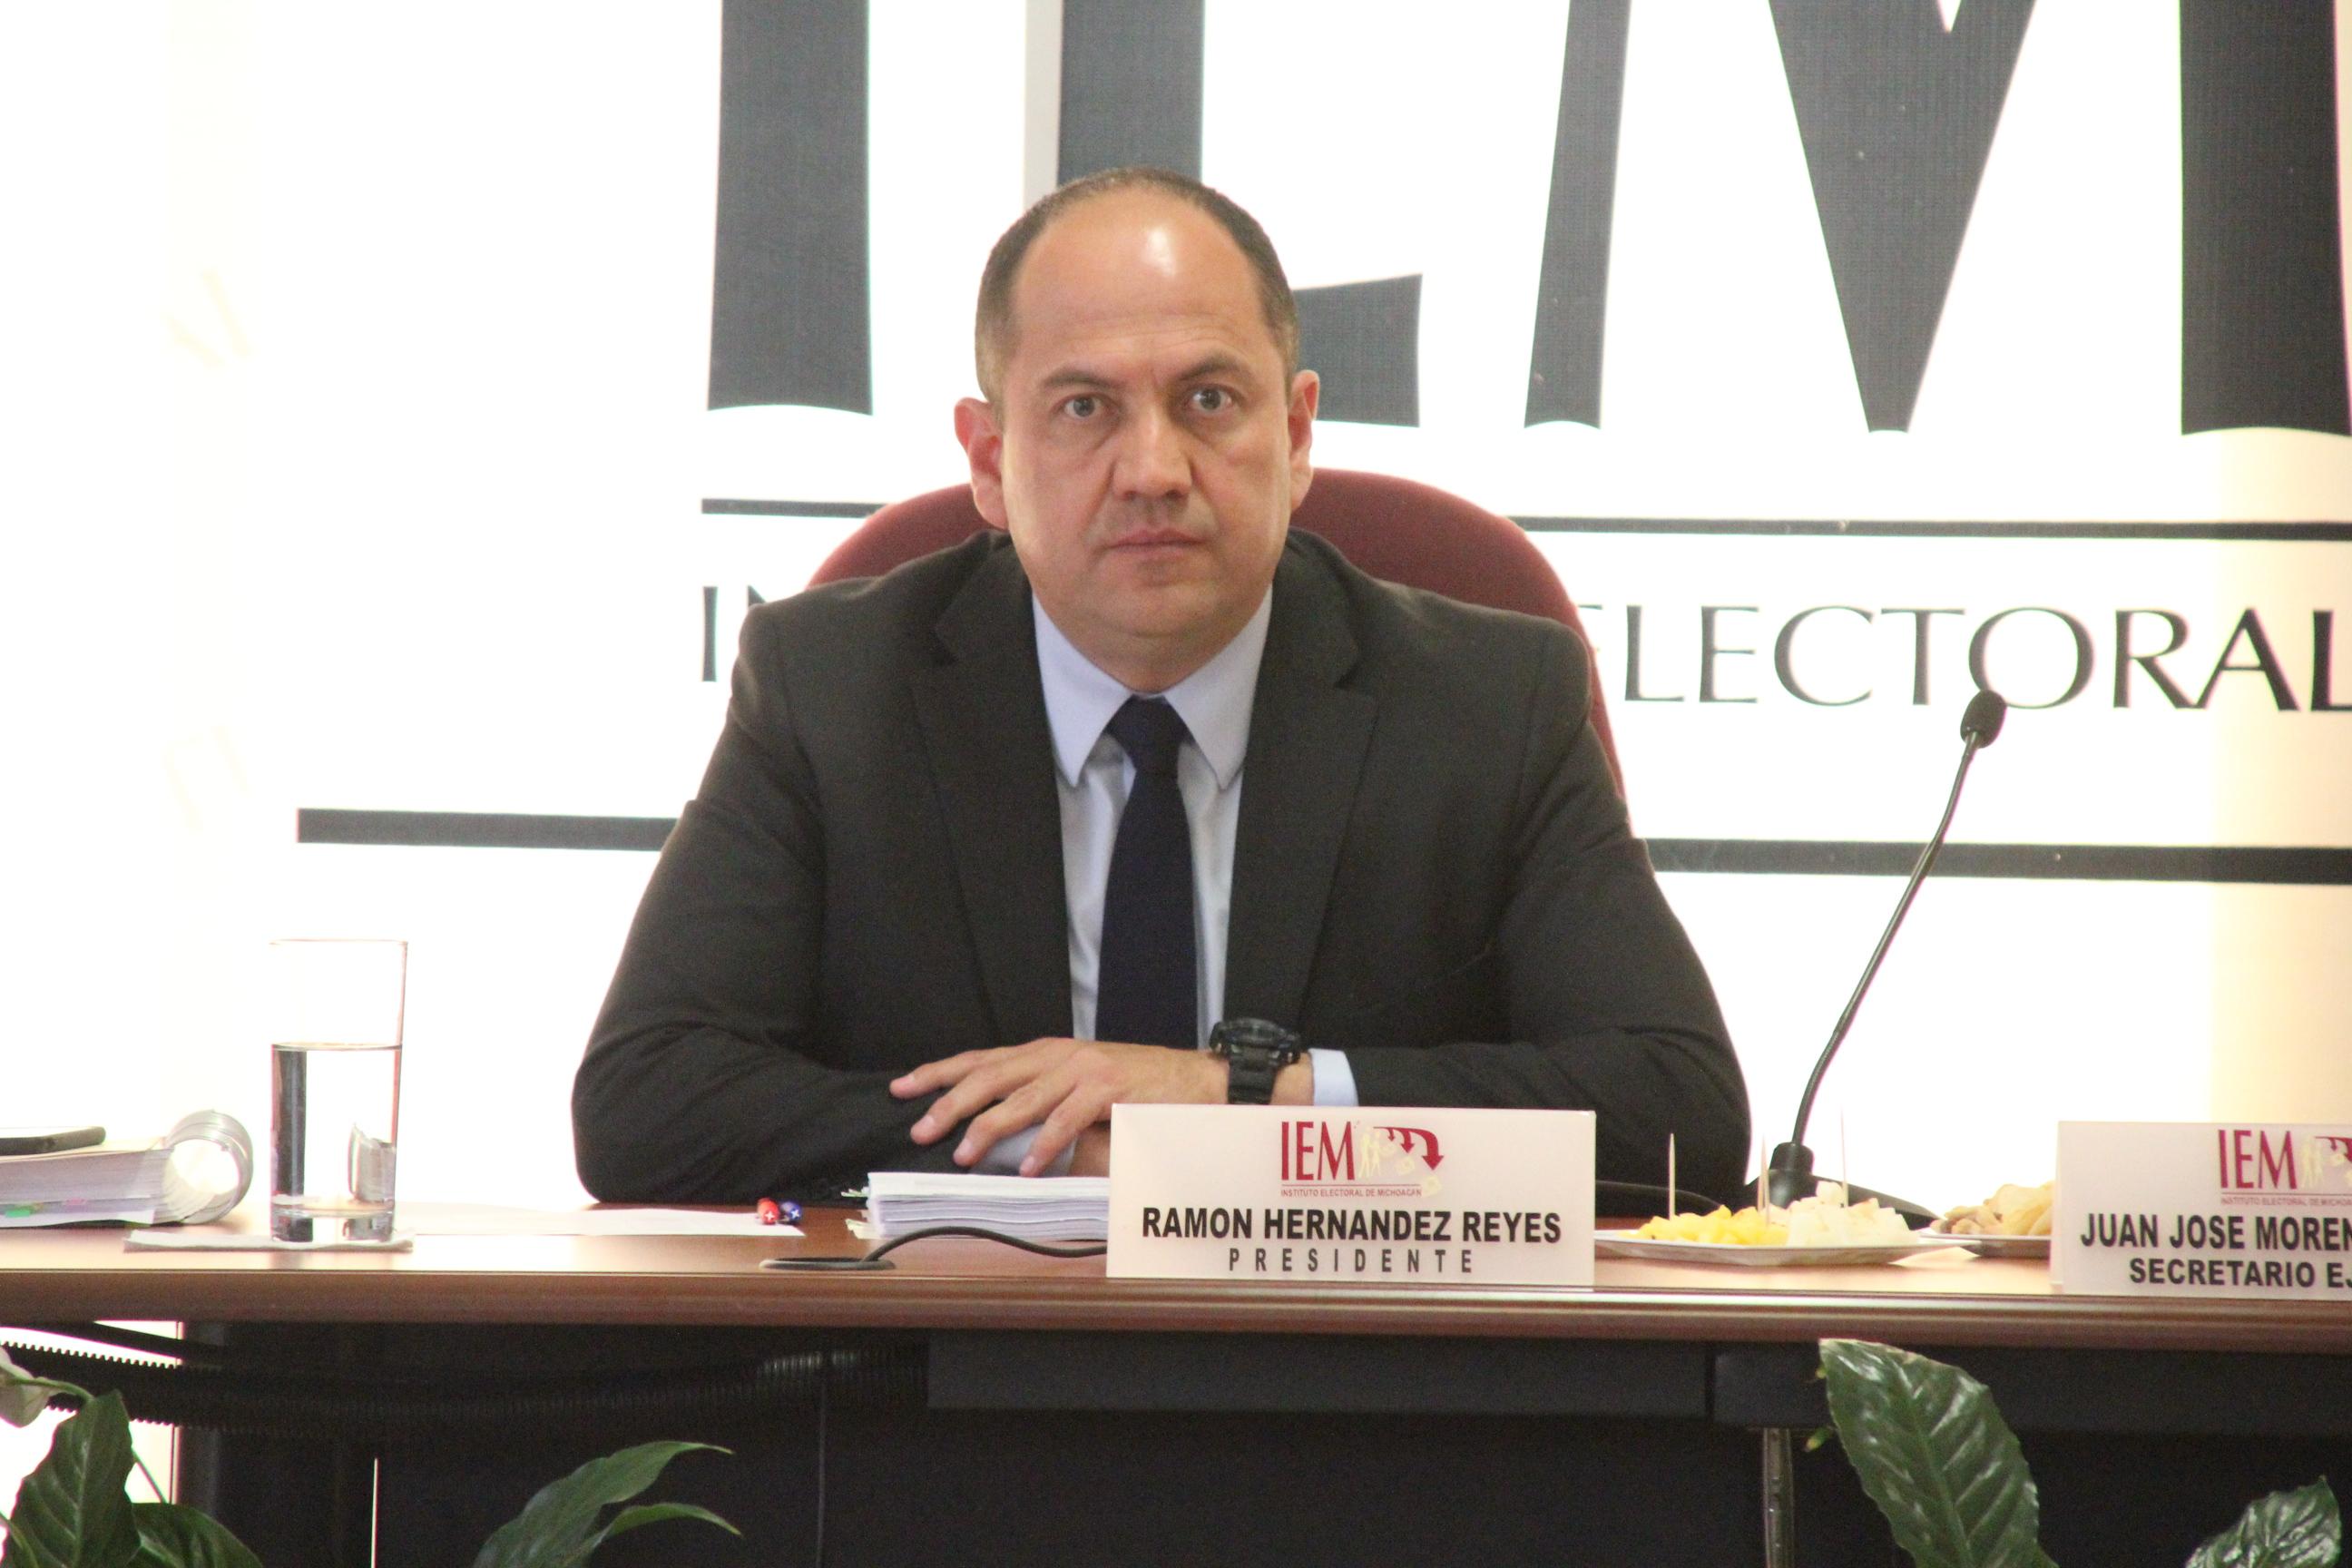 Ramon Hernández